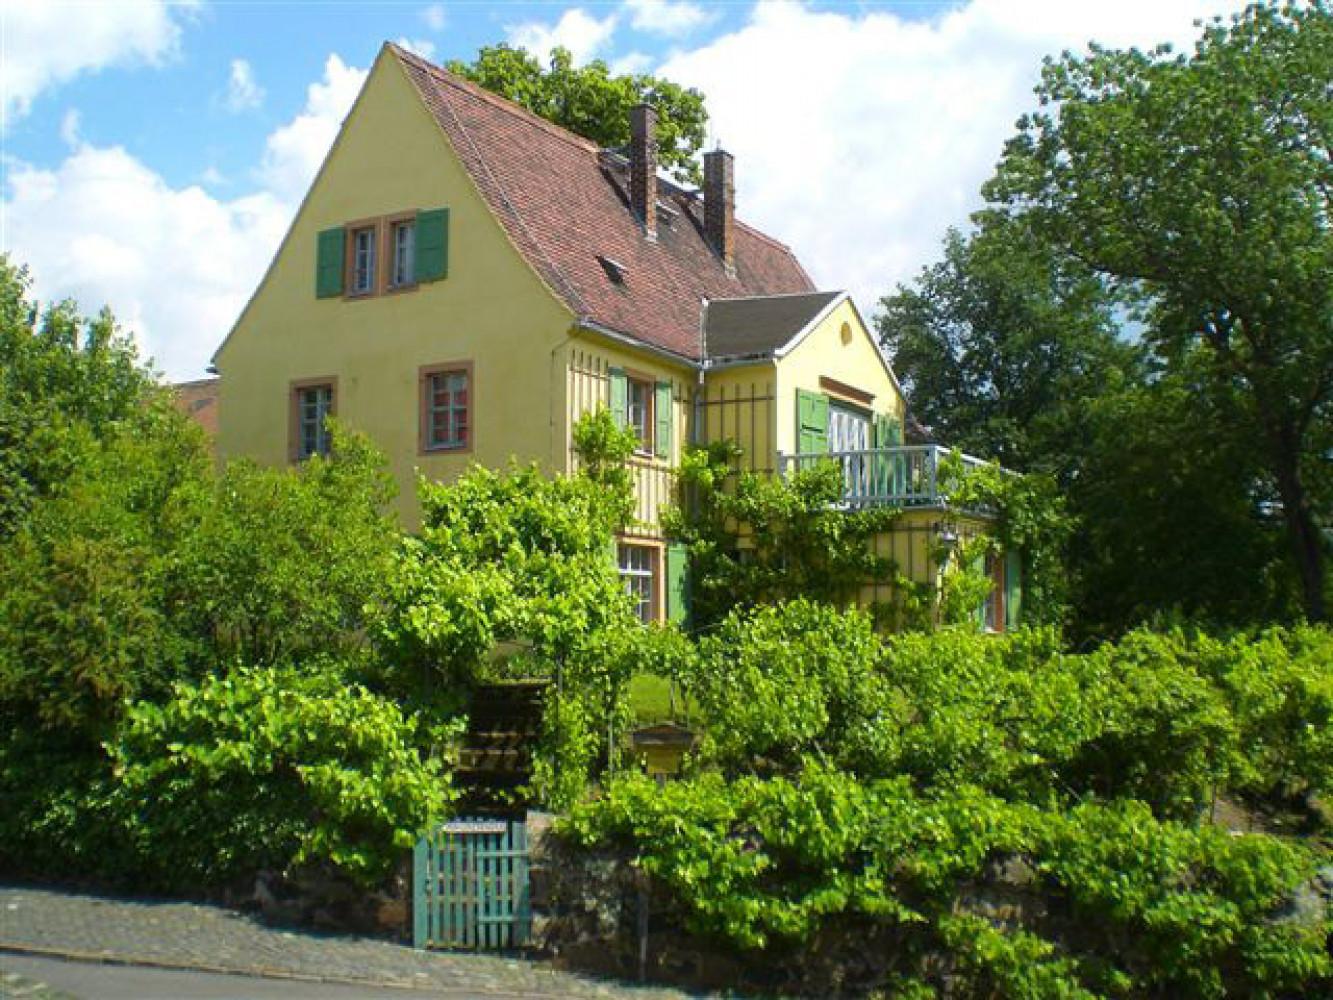 Göschenhaus Grimma-Hohnstädt- Seume-Gedenkstätte